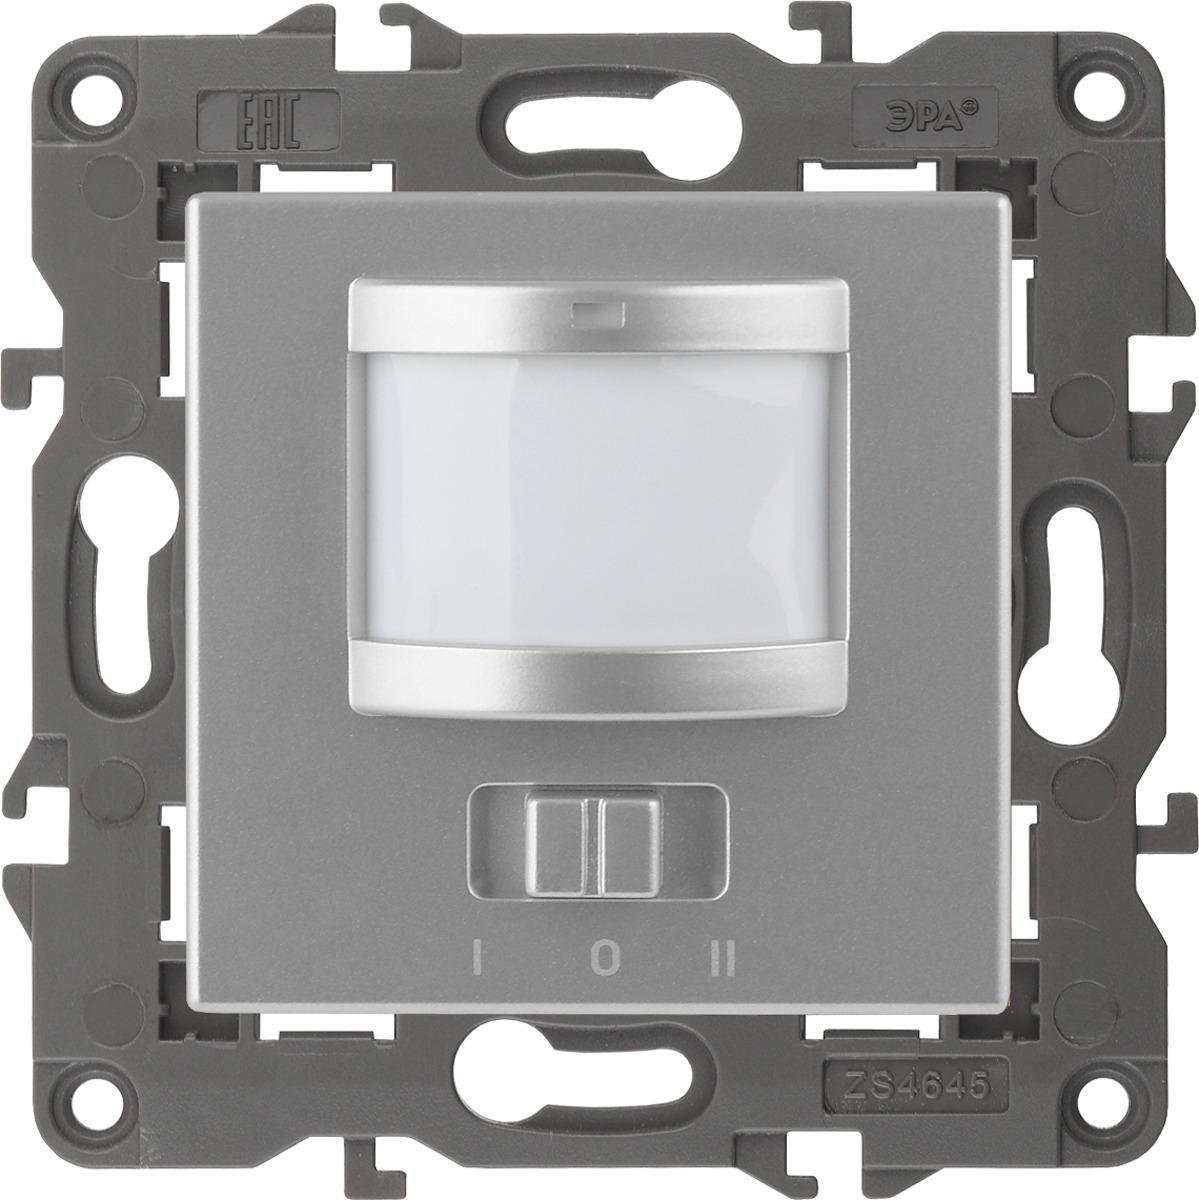 Датчик движения ЭРА Elegance, 2-проводной, 14-4103-03, алюминий, 180-250В, 200Вт датчик движения эра md 03